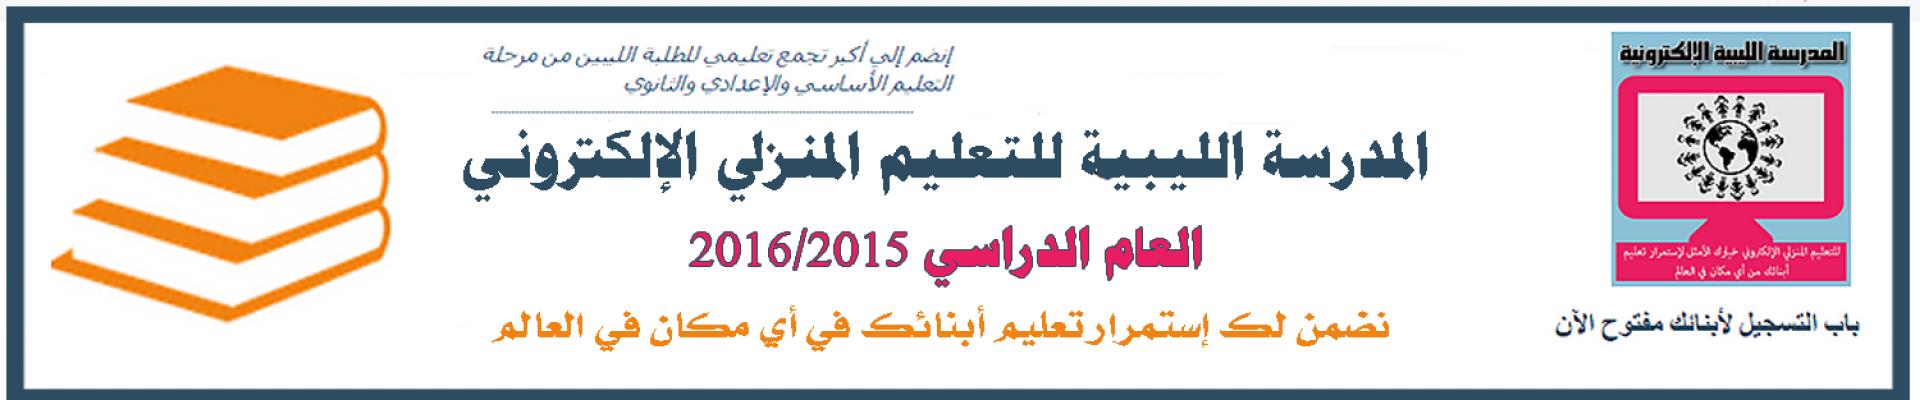 المدرسة الليبية الإلكترونية